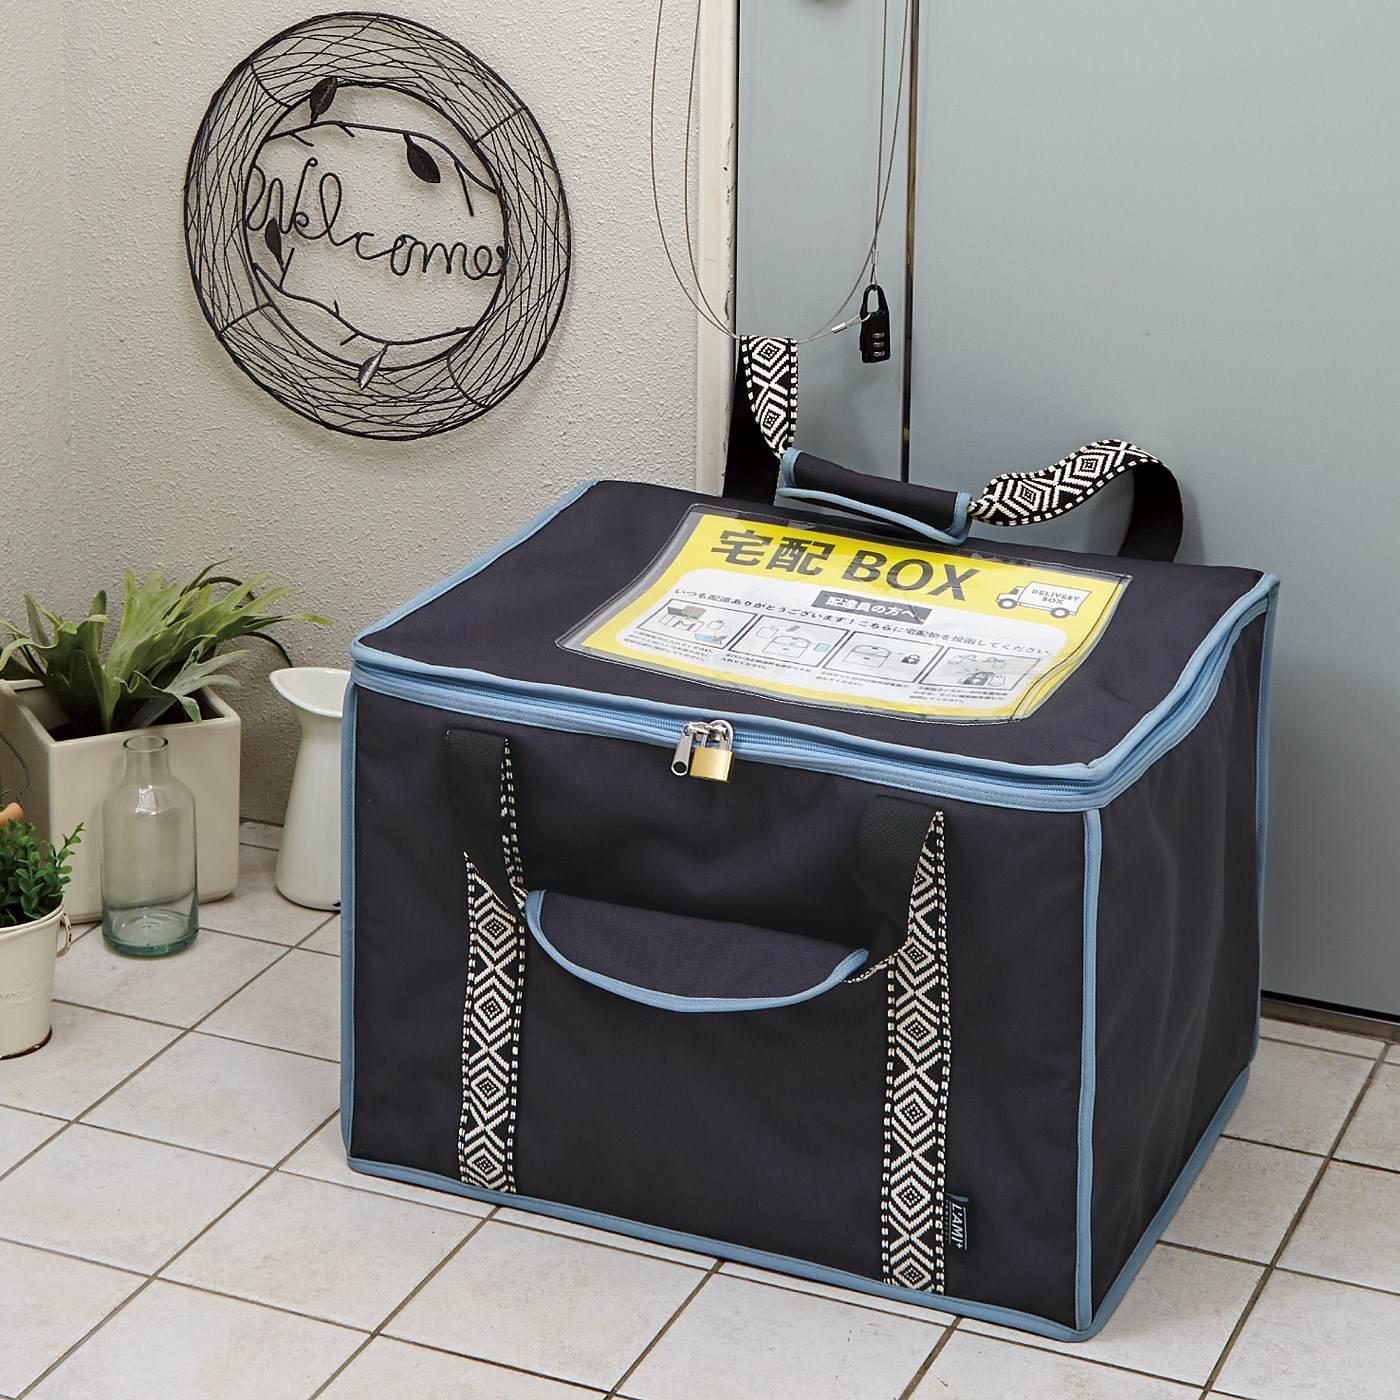 ラミプリュス 玄関にワイヤーでつなげて 買い物使いもできるかぎ付き 置き配ボックス〈撥水(はっすい)〉